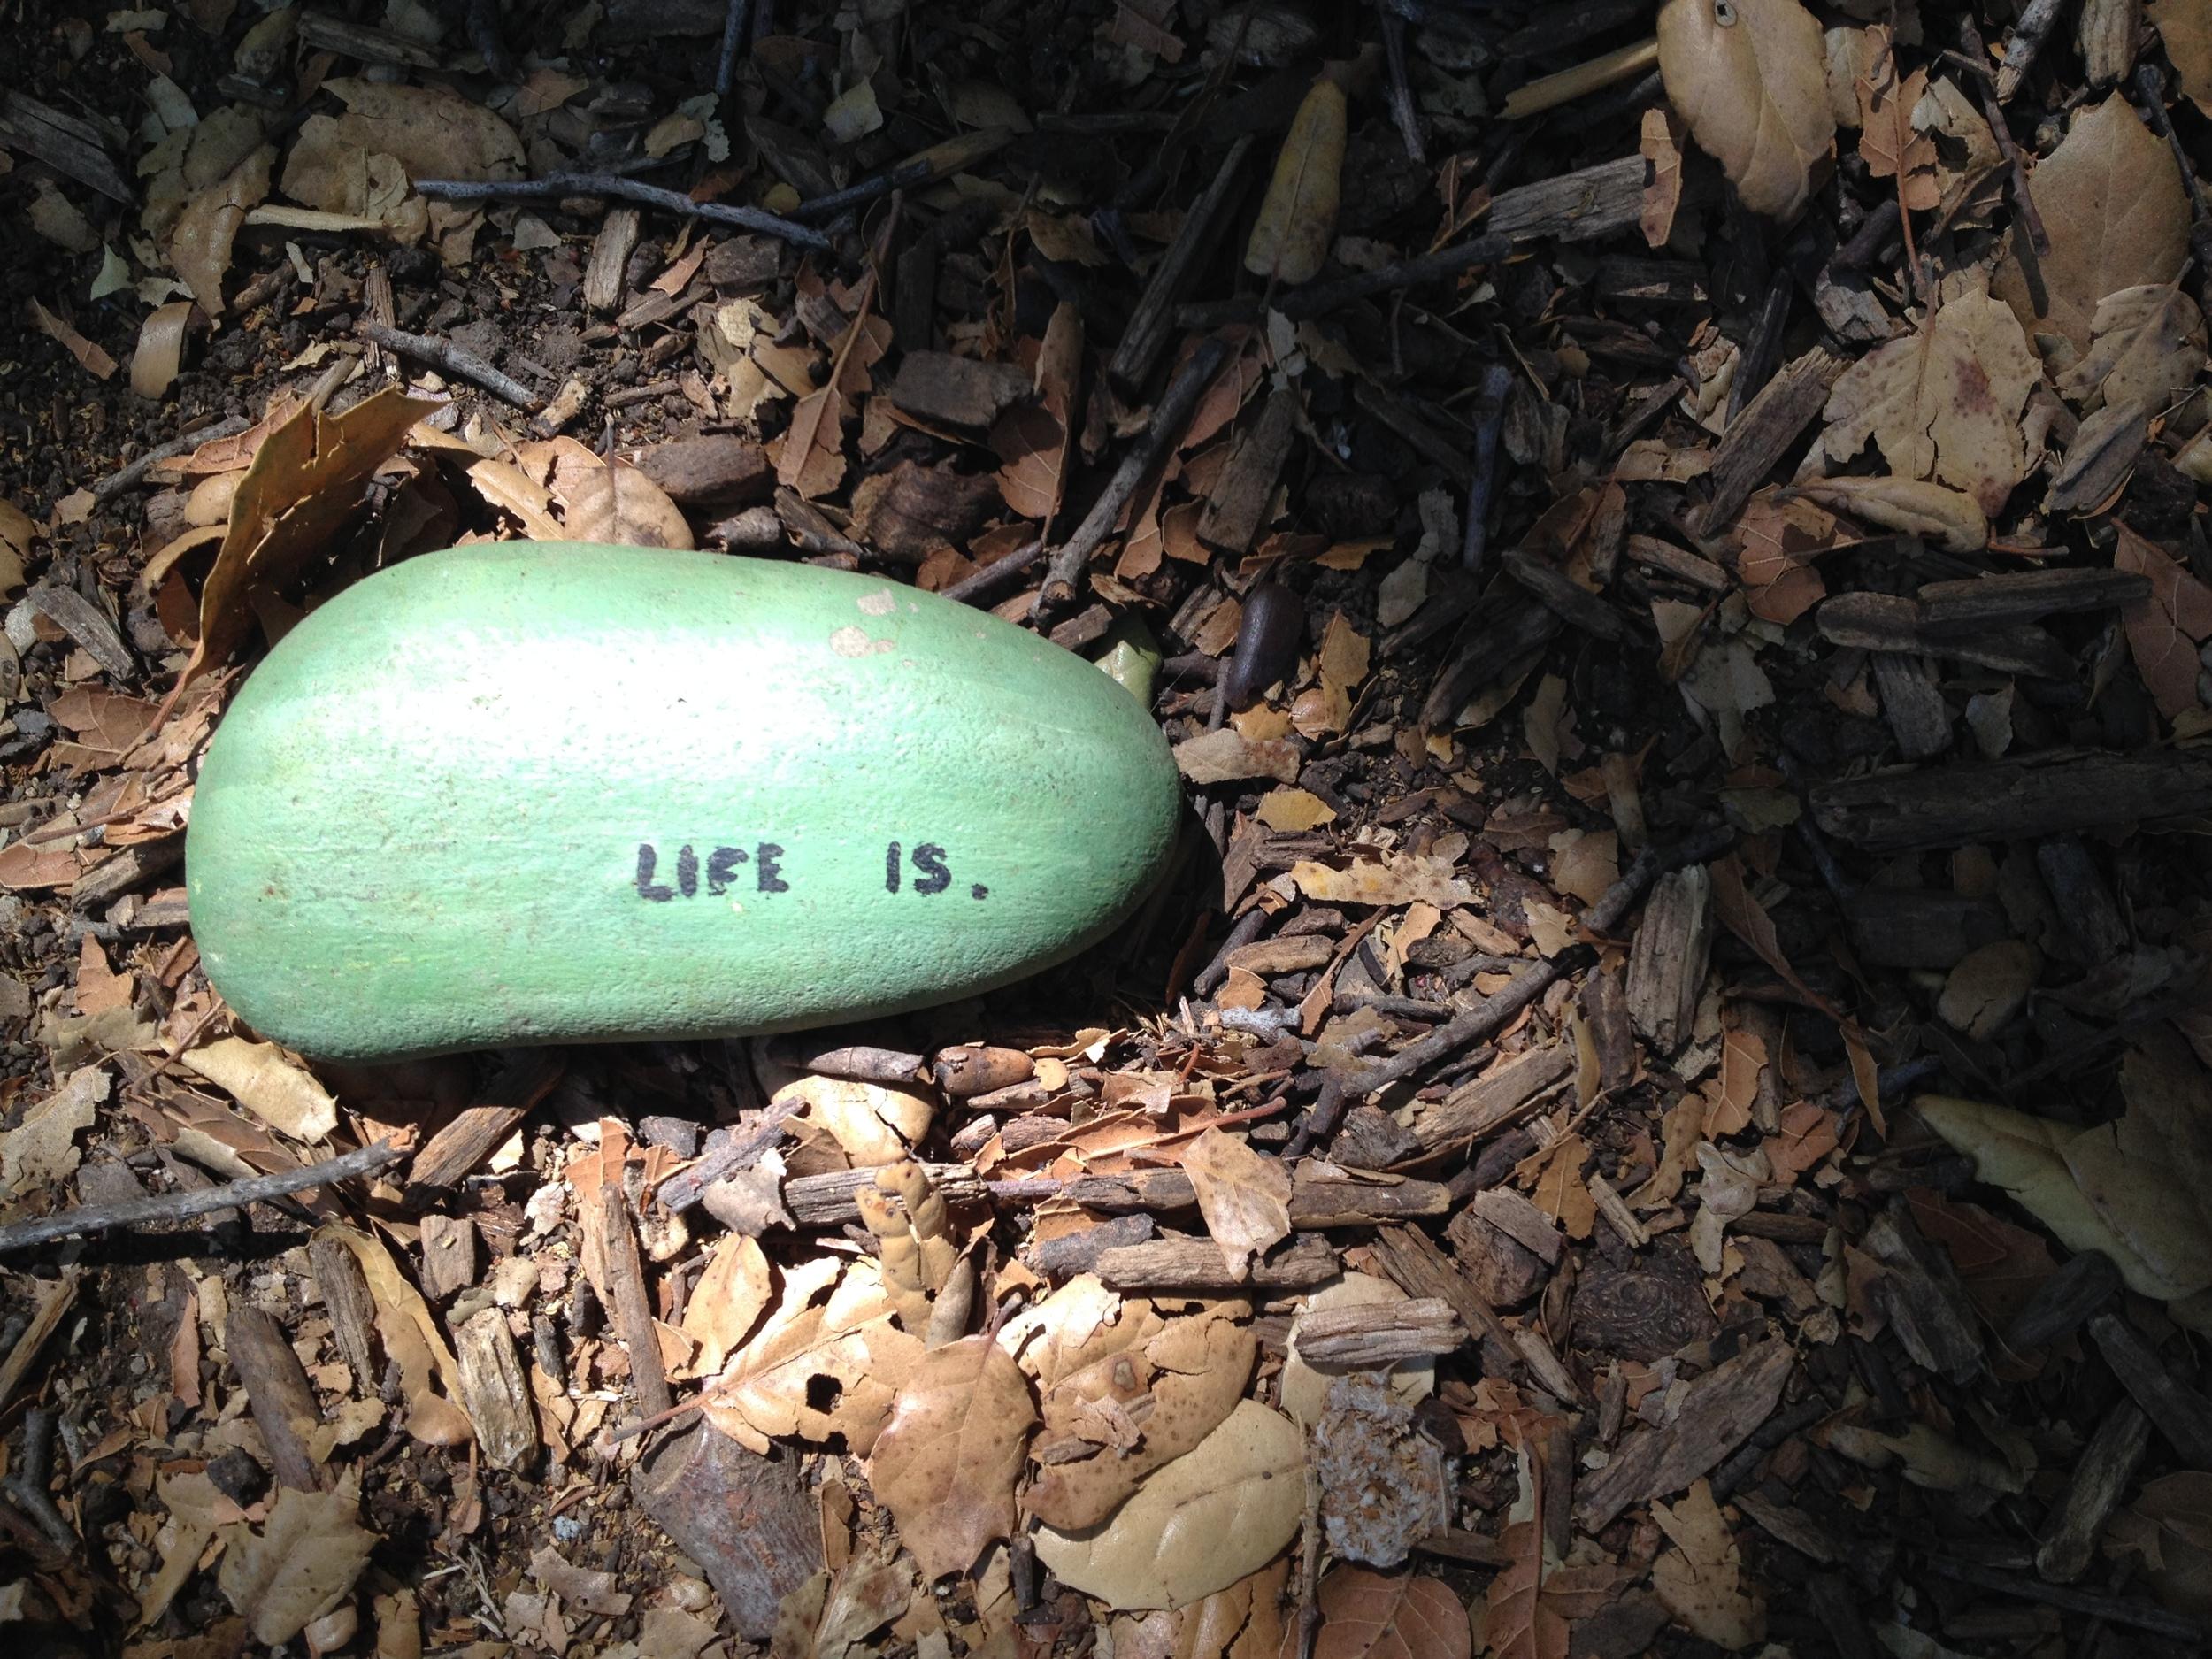 Life is Nourishing.